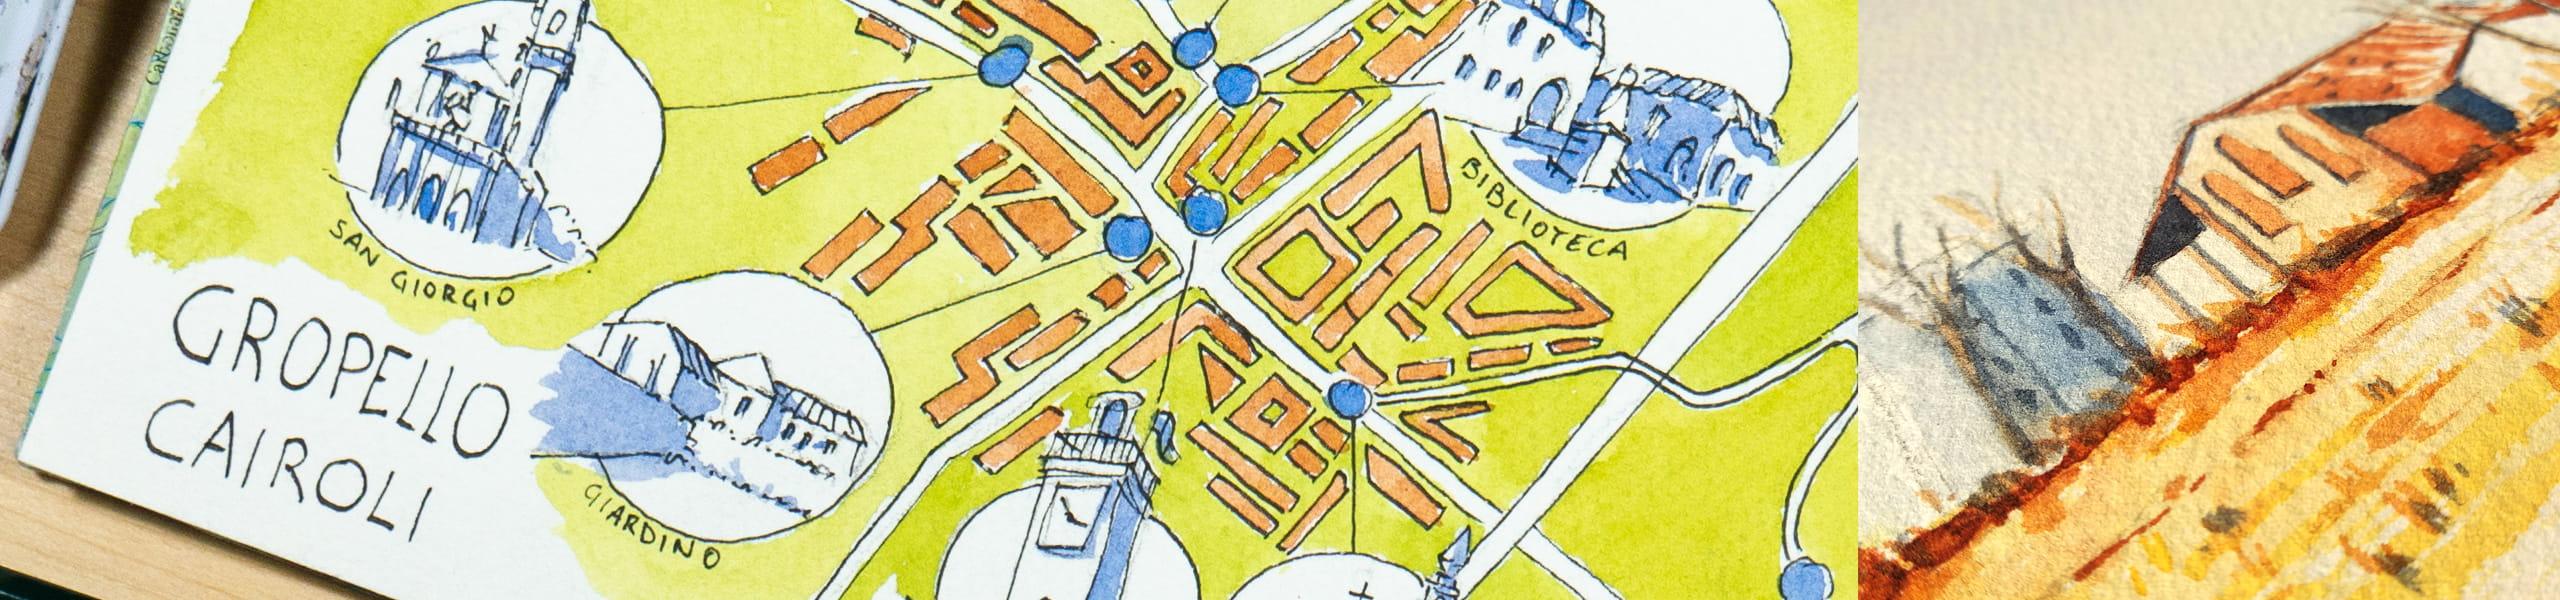 mappa disegnata di gropello cairoli e acquerello di una cascina